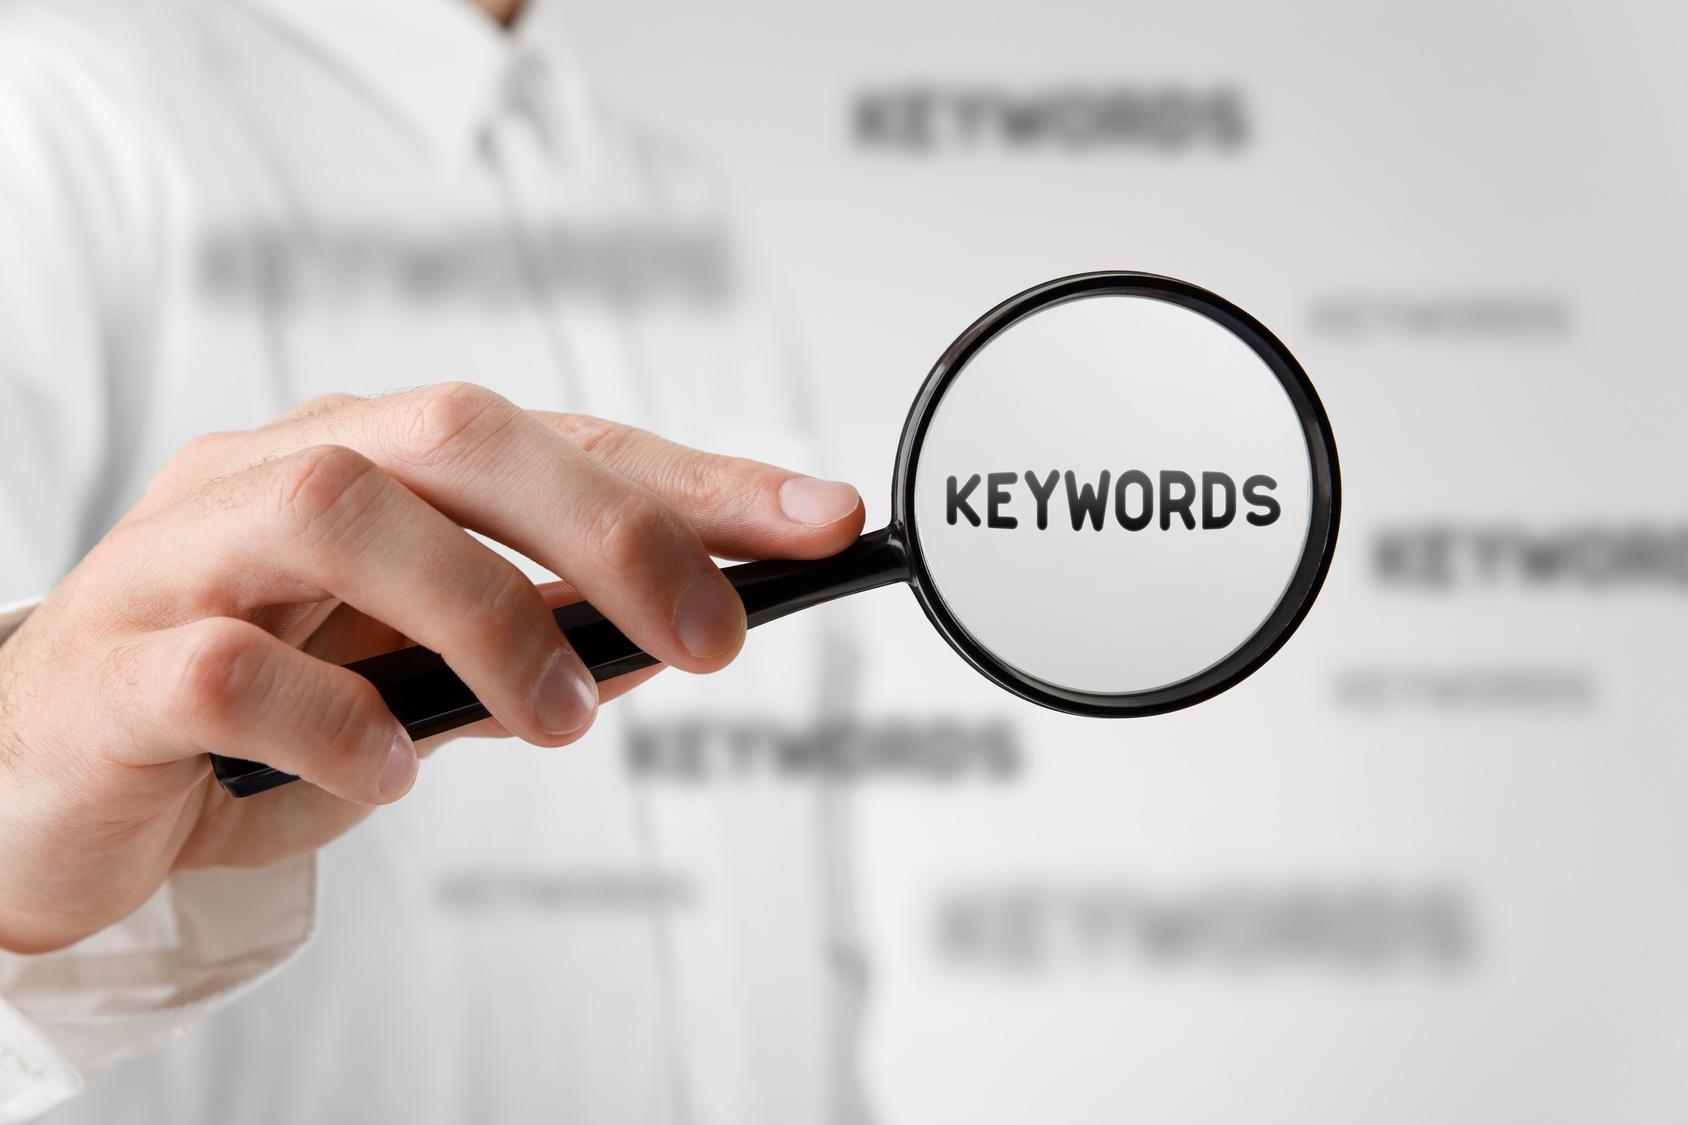 今すぐ出来る品質を高める方法①広告に検索キーワードを含める